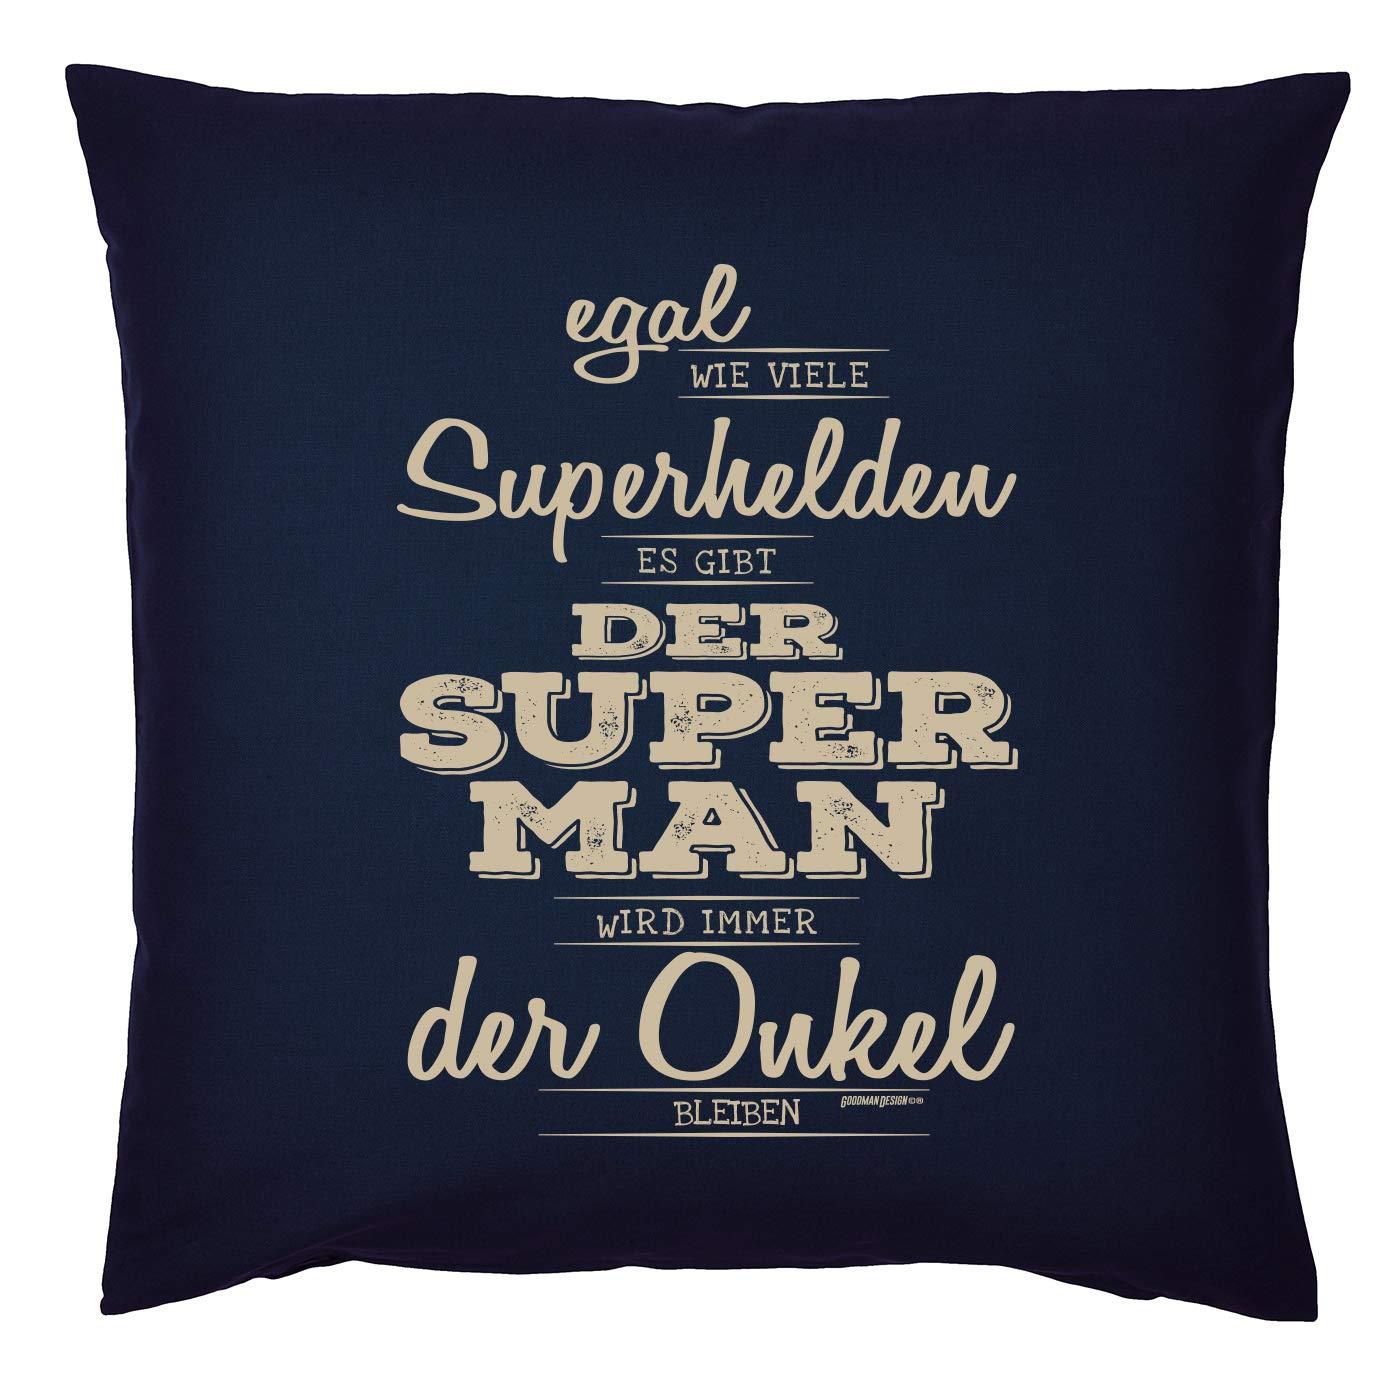 Mega-Shirt Geschenk Onkel Polster Kissen mit F/üllung Super Man Wird Immer der Onkel bleiben Geburtstagsgeschenk f/ür den Onkel